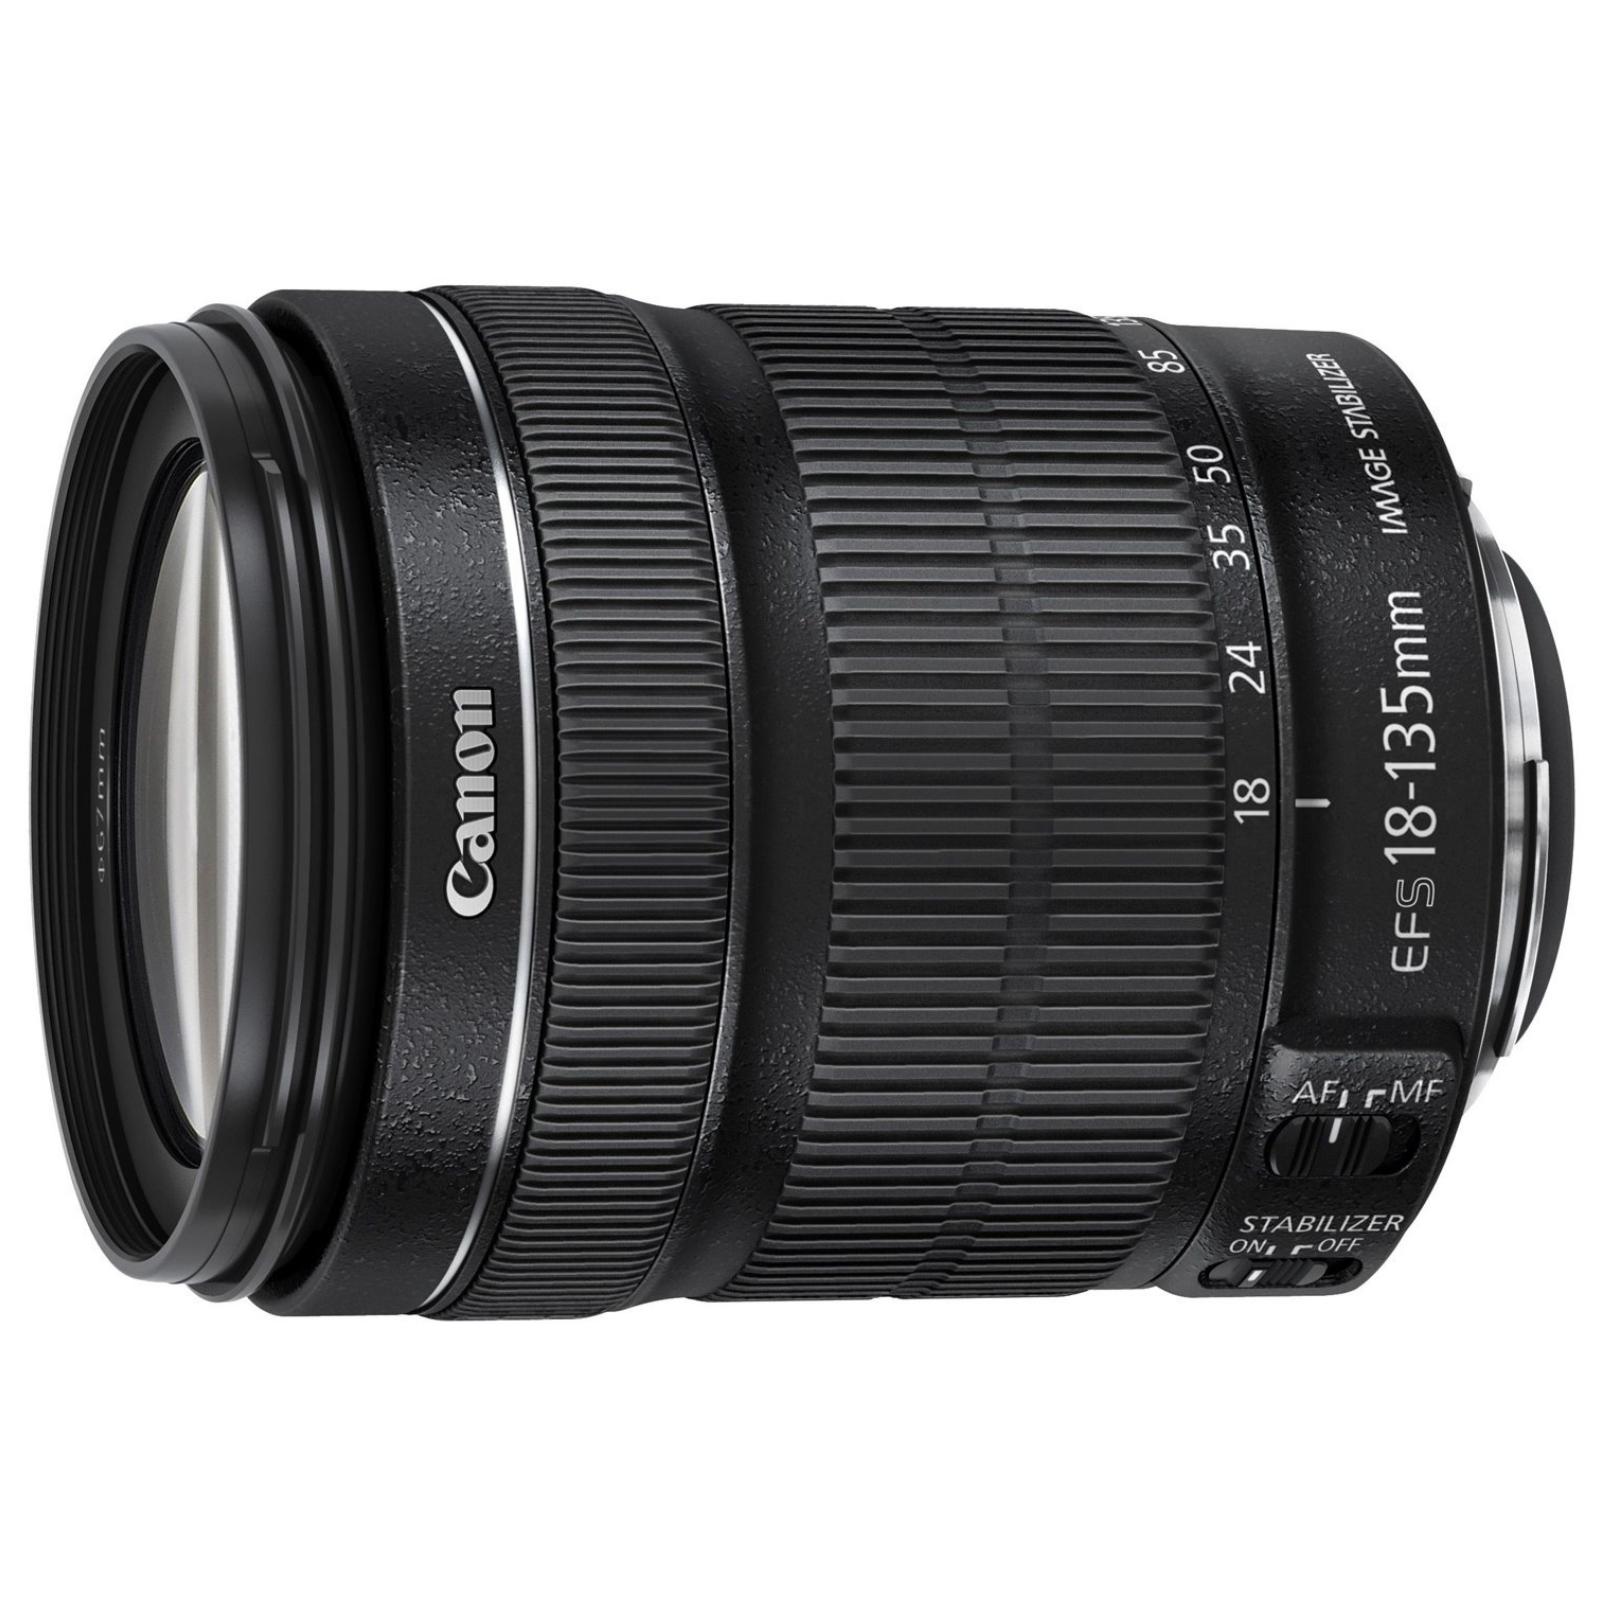 Canon キヤノン 標準ズームレンズ EF-S18-135 F3.5-5.6 IS USM ブラック 新品 (並行輸入品、保証付き、簡易箱)